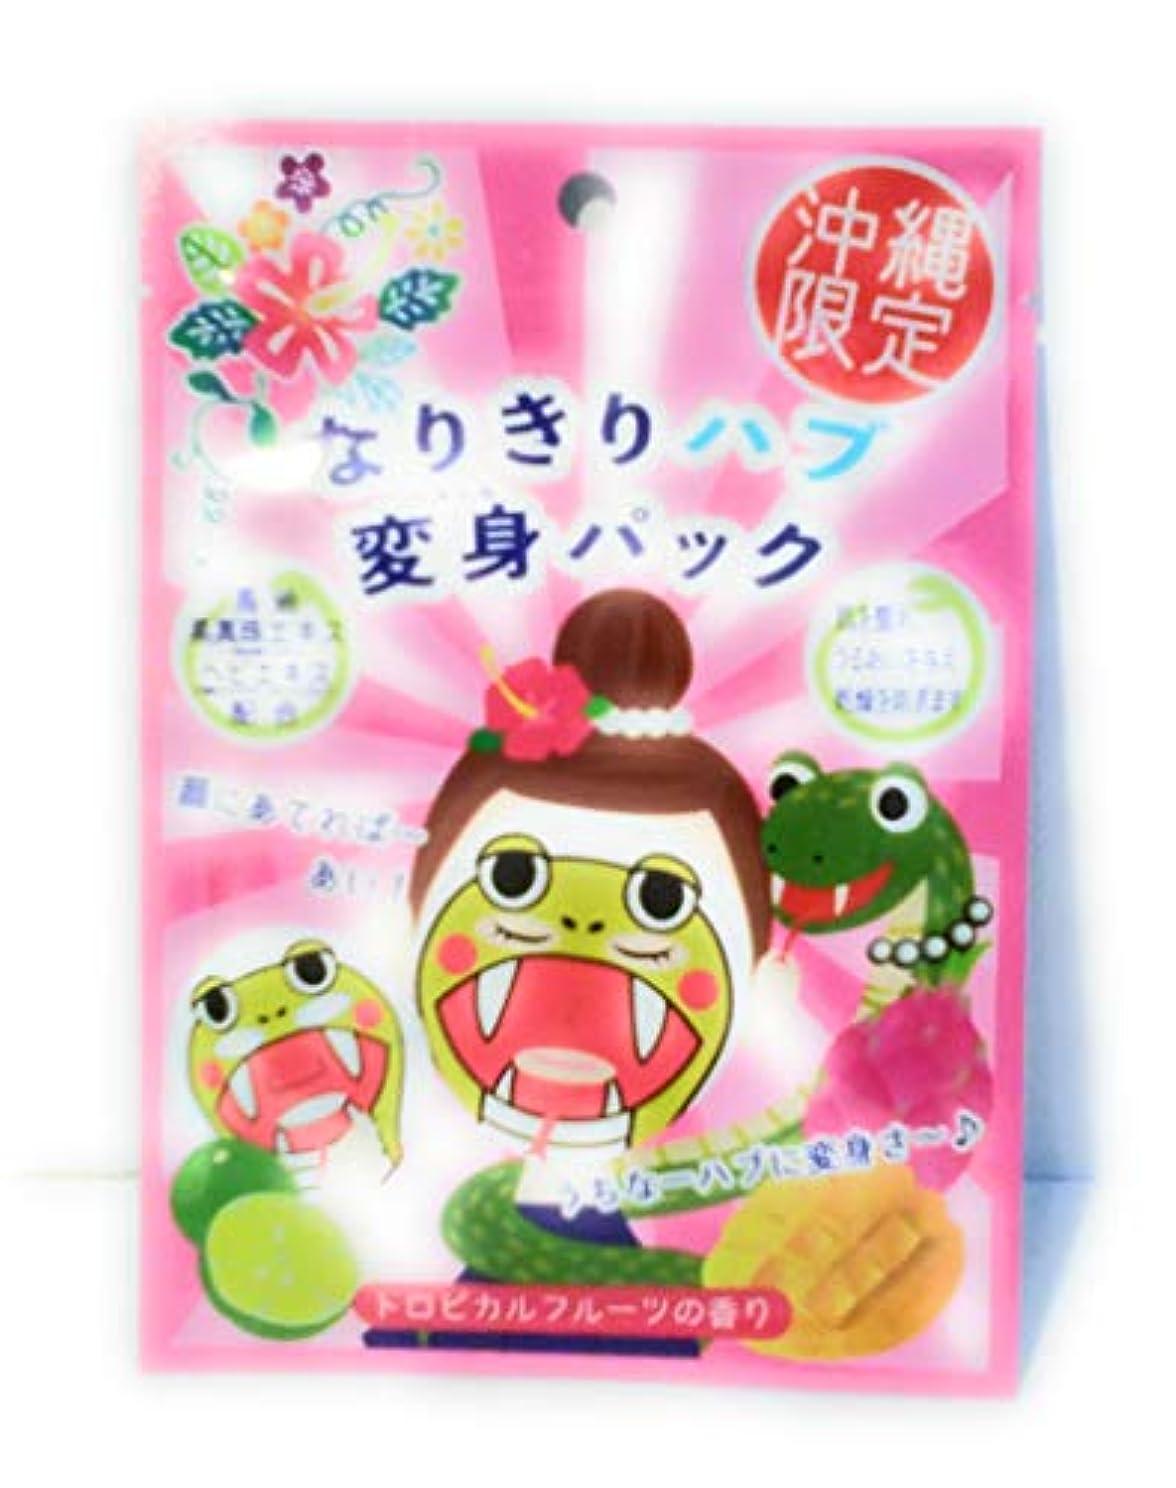 安西オレンジ騙す沖縄限定 なりきりハブ変身パック トロピカルフルーツの香り